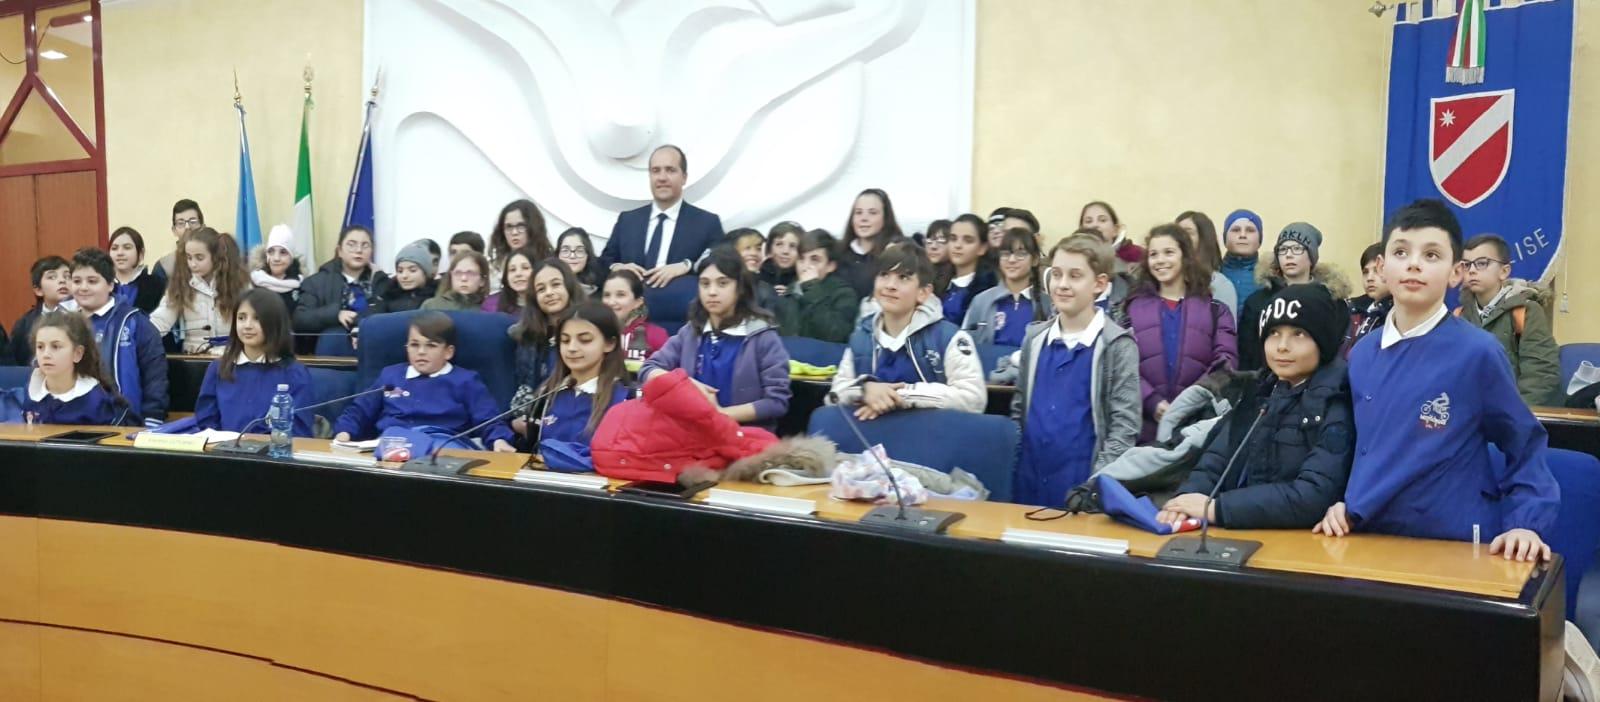 Consiglio regionale del Molise, scolaresche ospiti del presidente Micone.